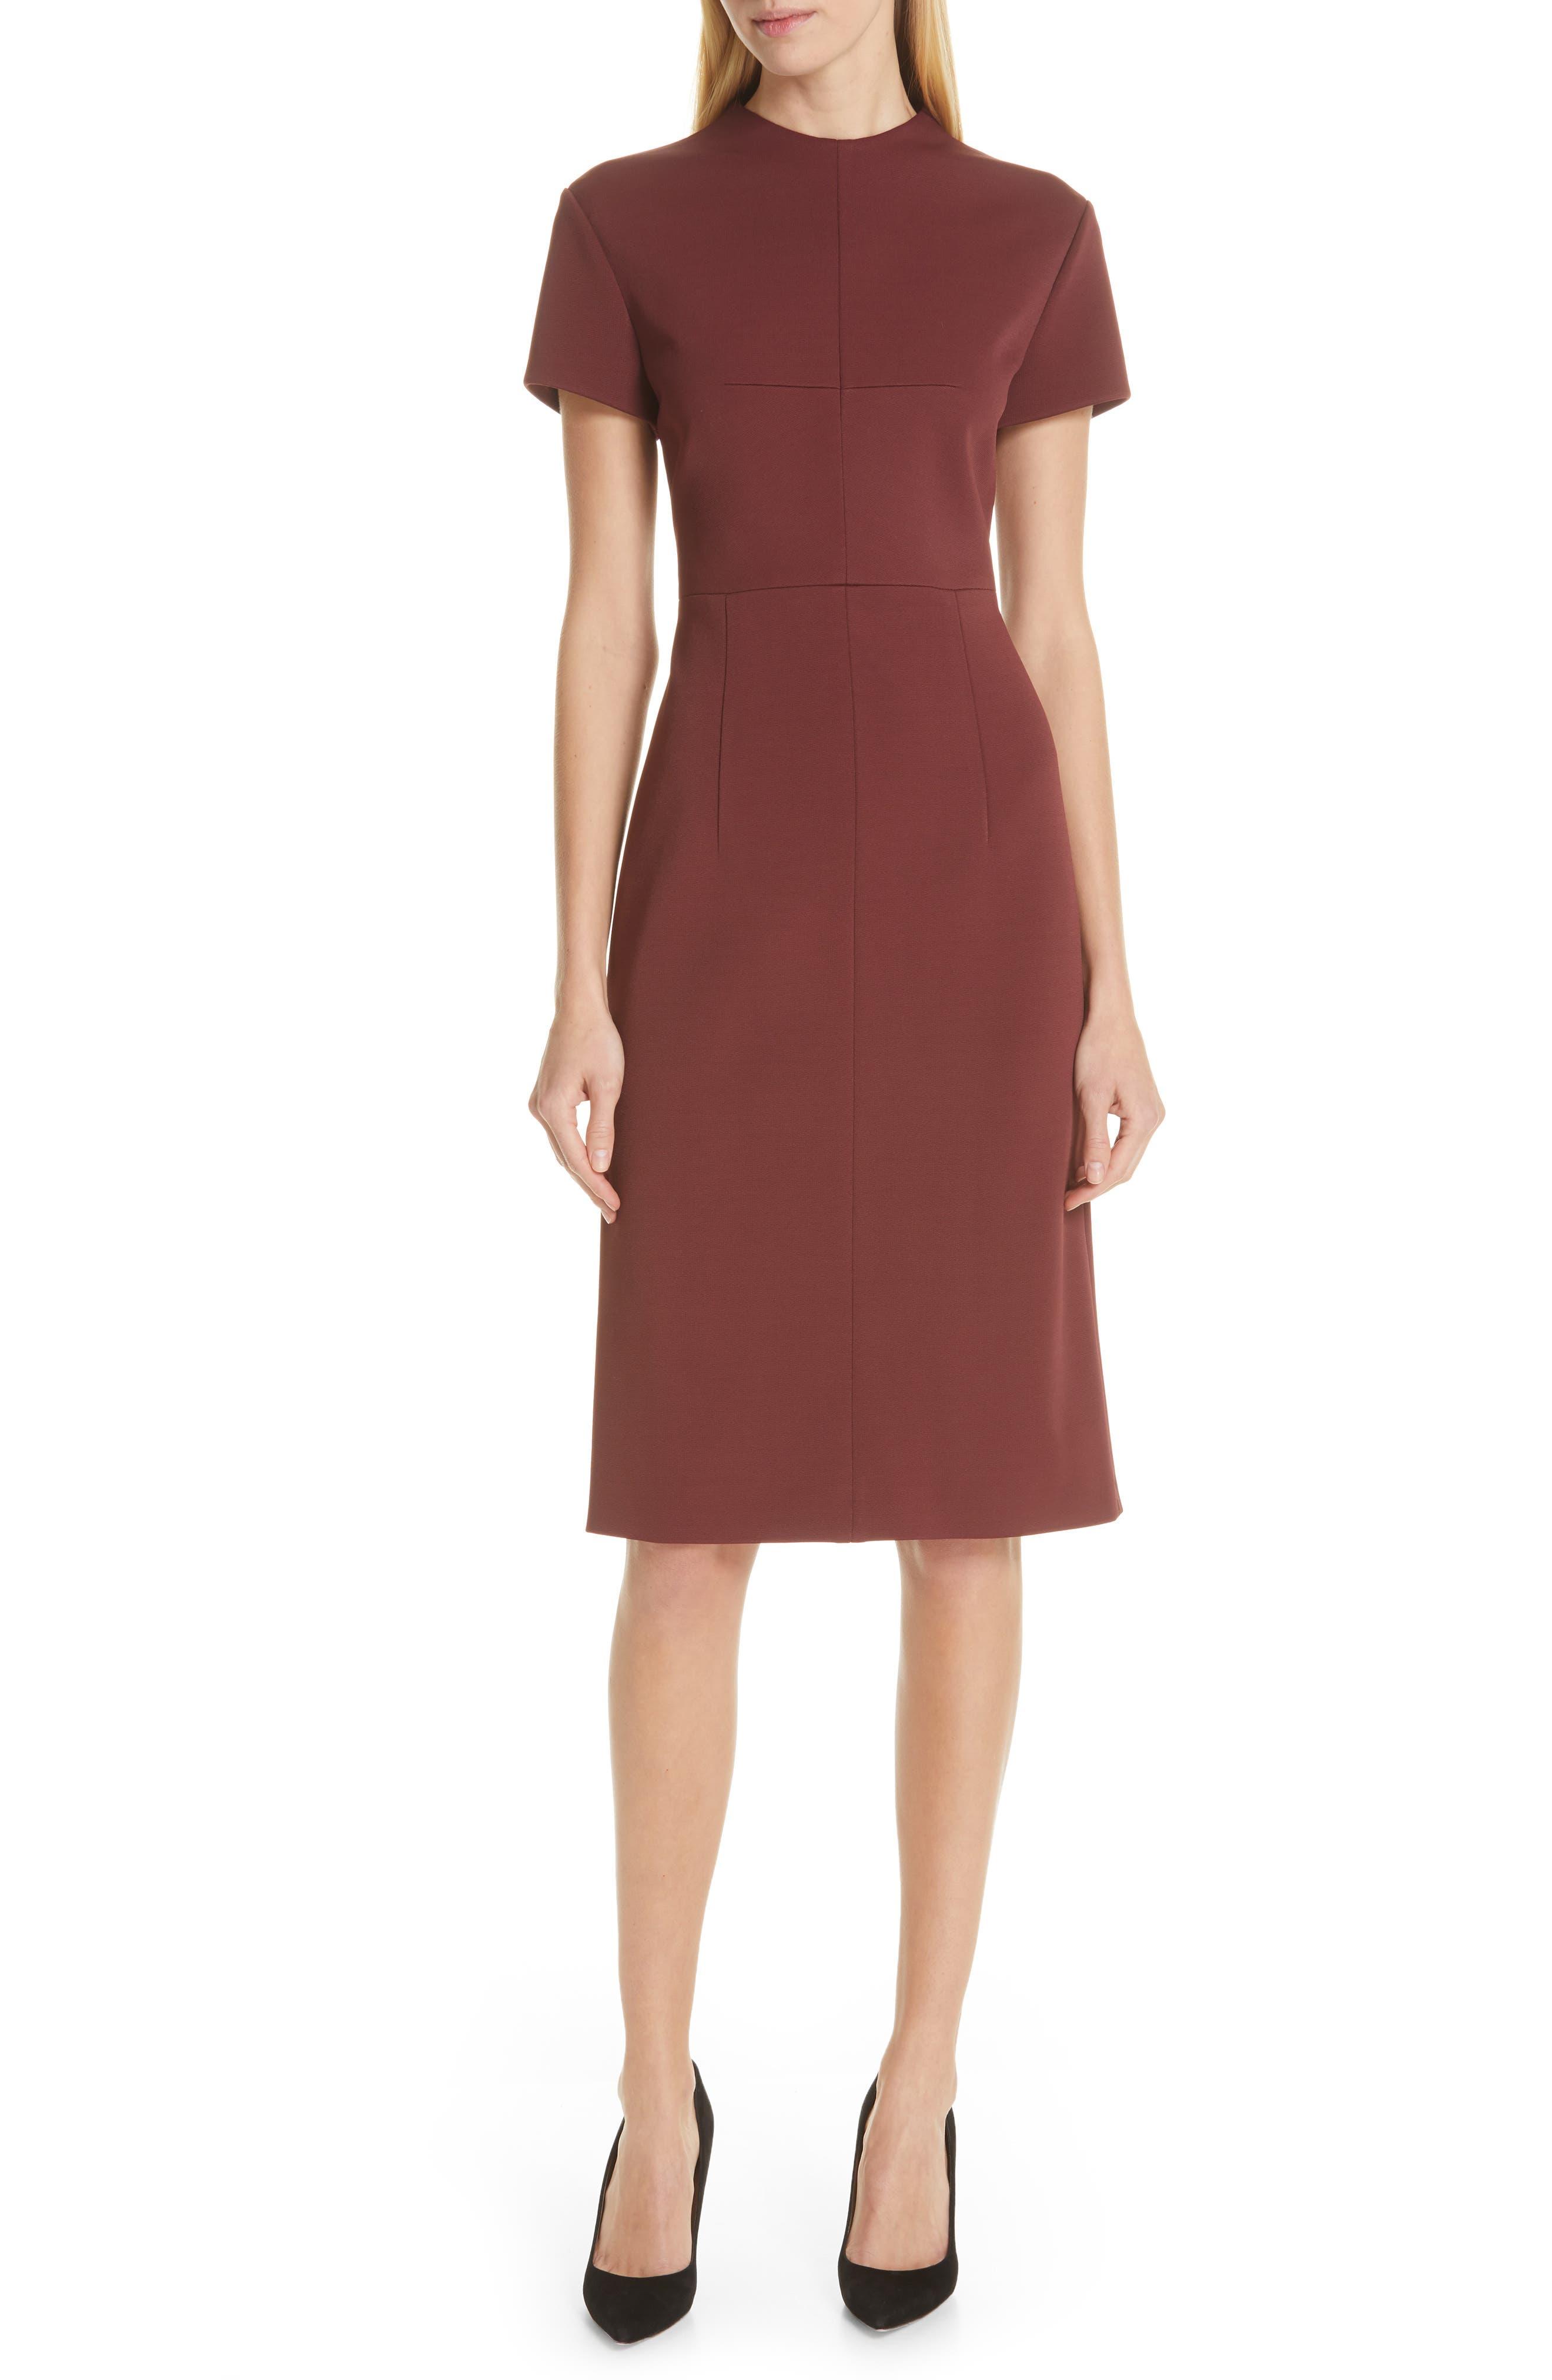 Demiara Sheath Dress,                             Main thumbnail 1, color,                             DARK AUBURN